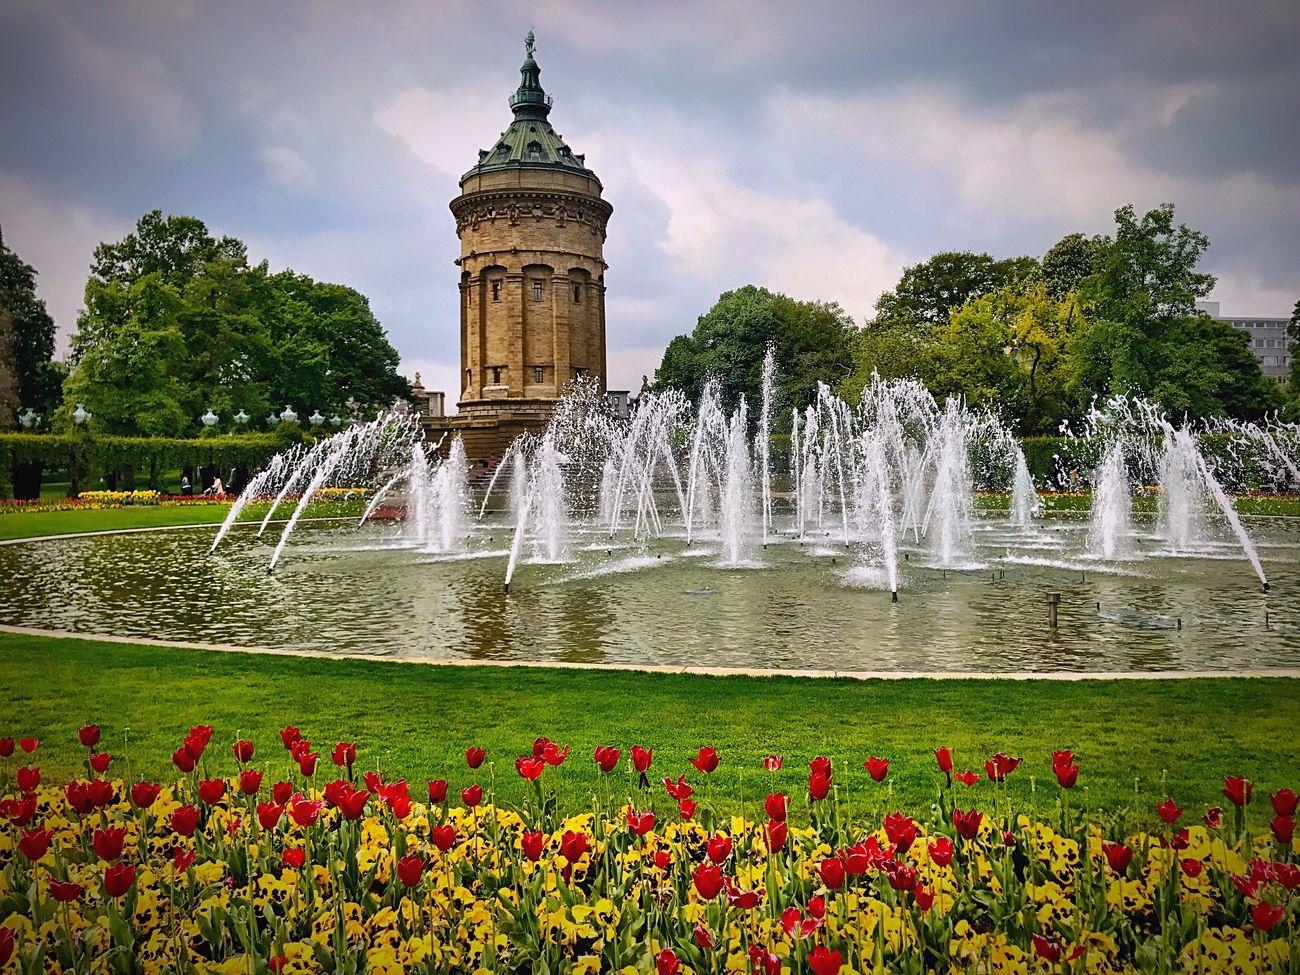 Mannheim Water Fountain Flower Splashing Wasserturm Wasserturm Mannheim  Watertower City City Life